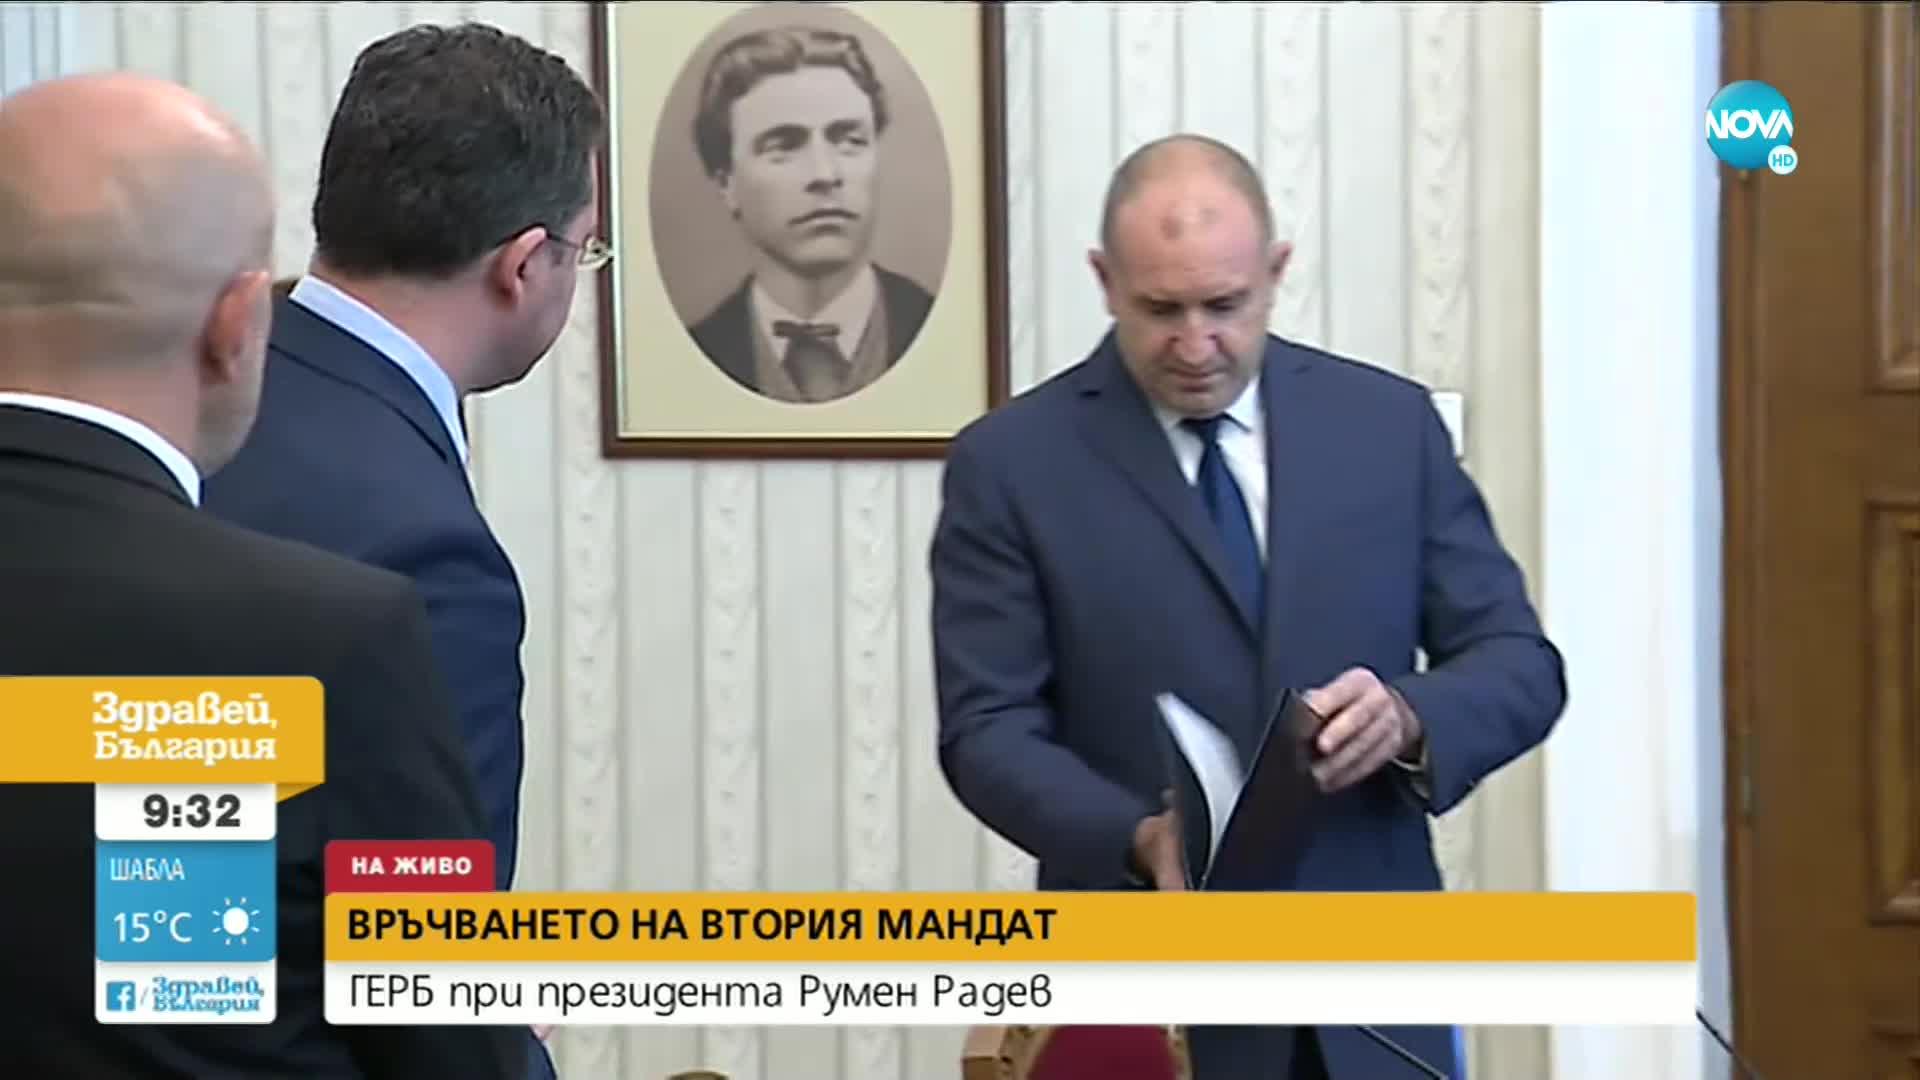 Президентът връчи втория мандат на ГЕРБ-СДС, Даниел Митов го върна